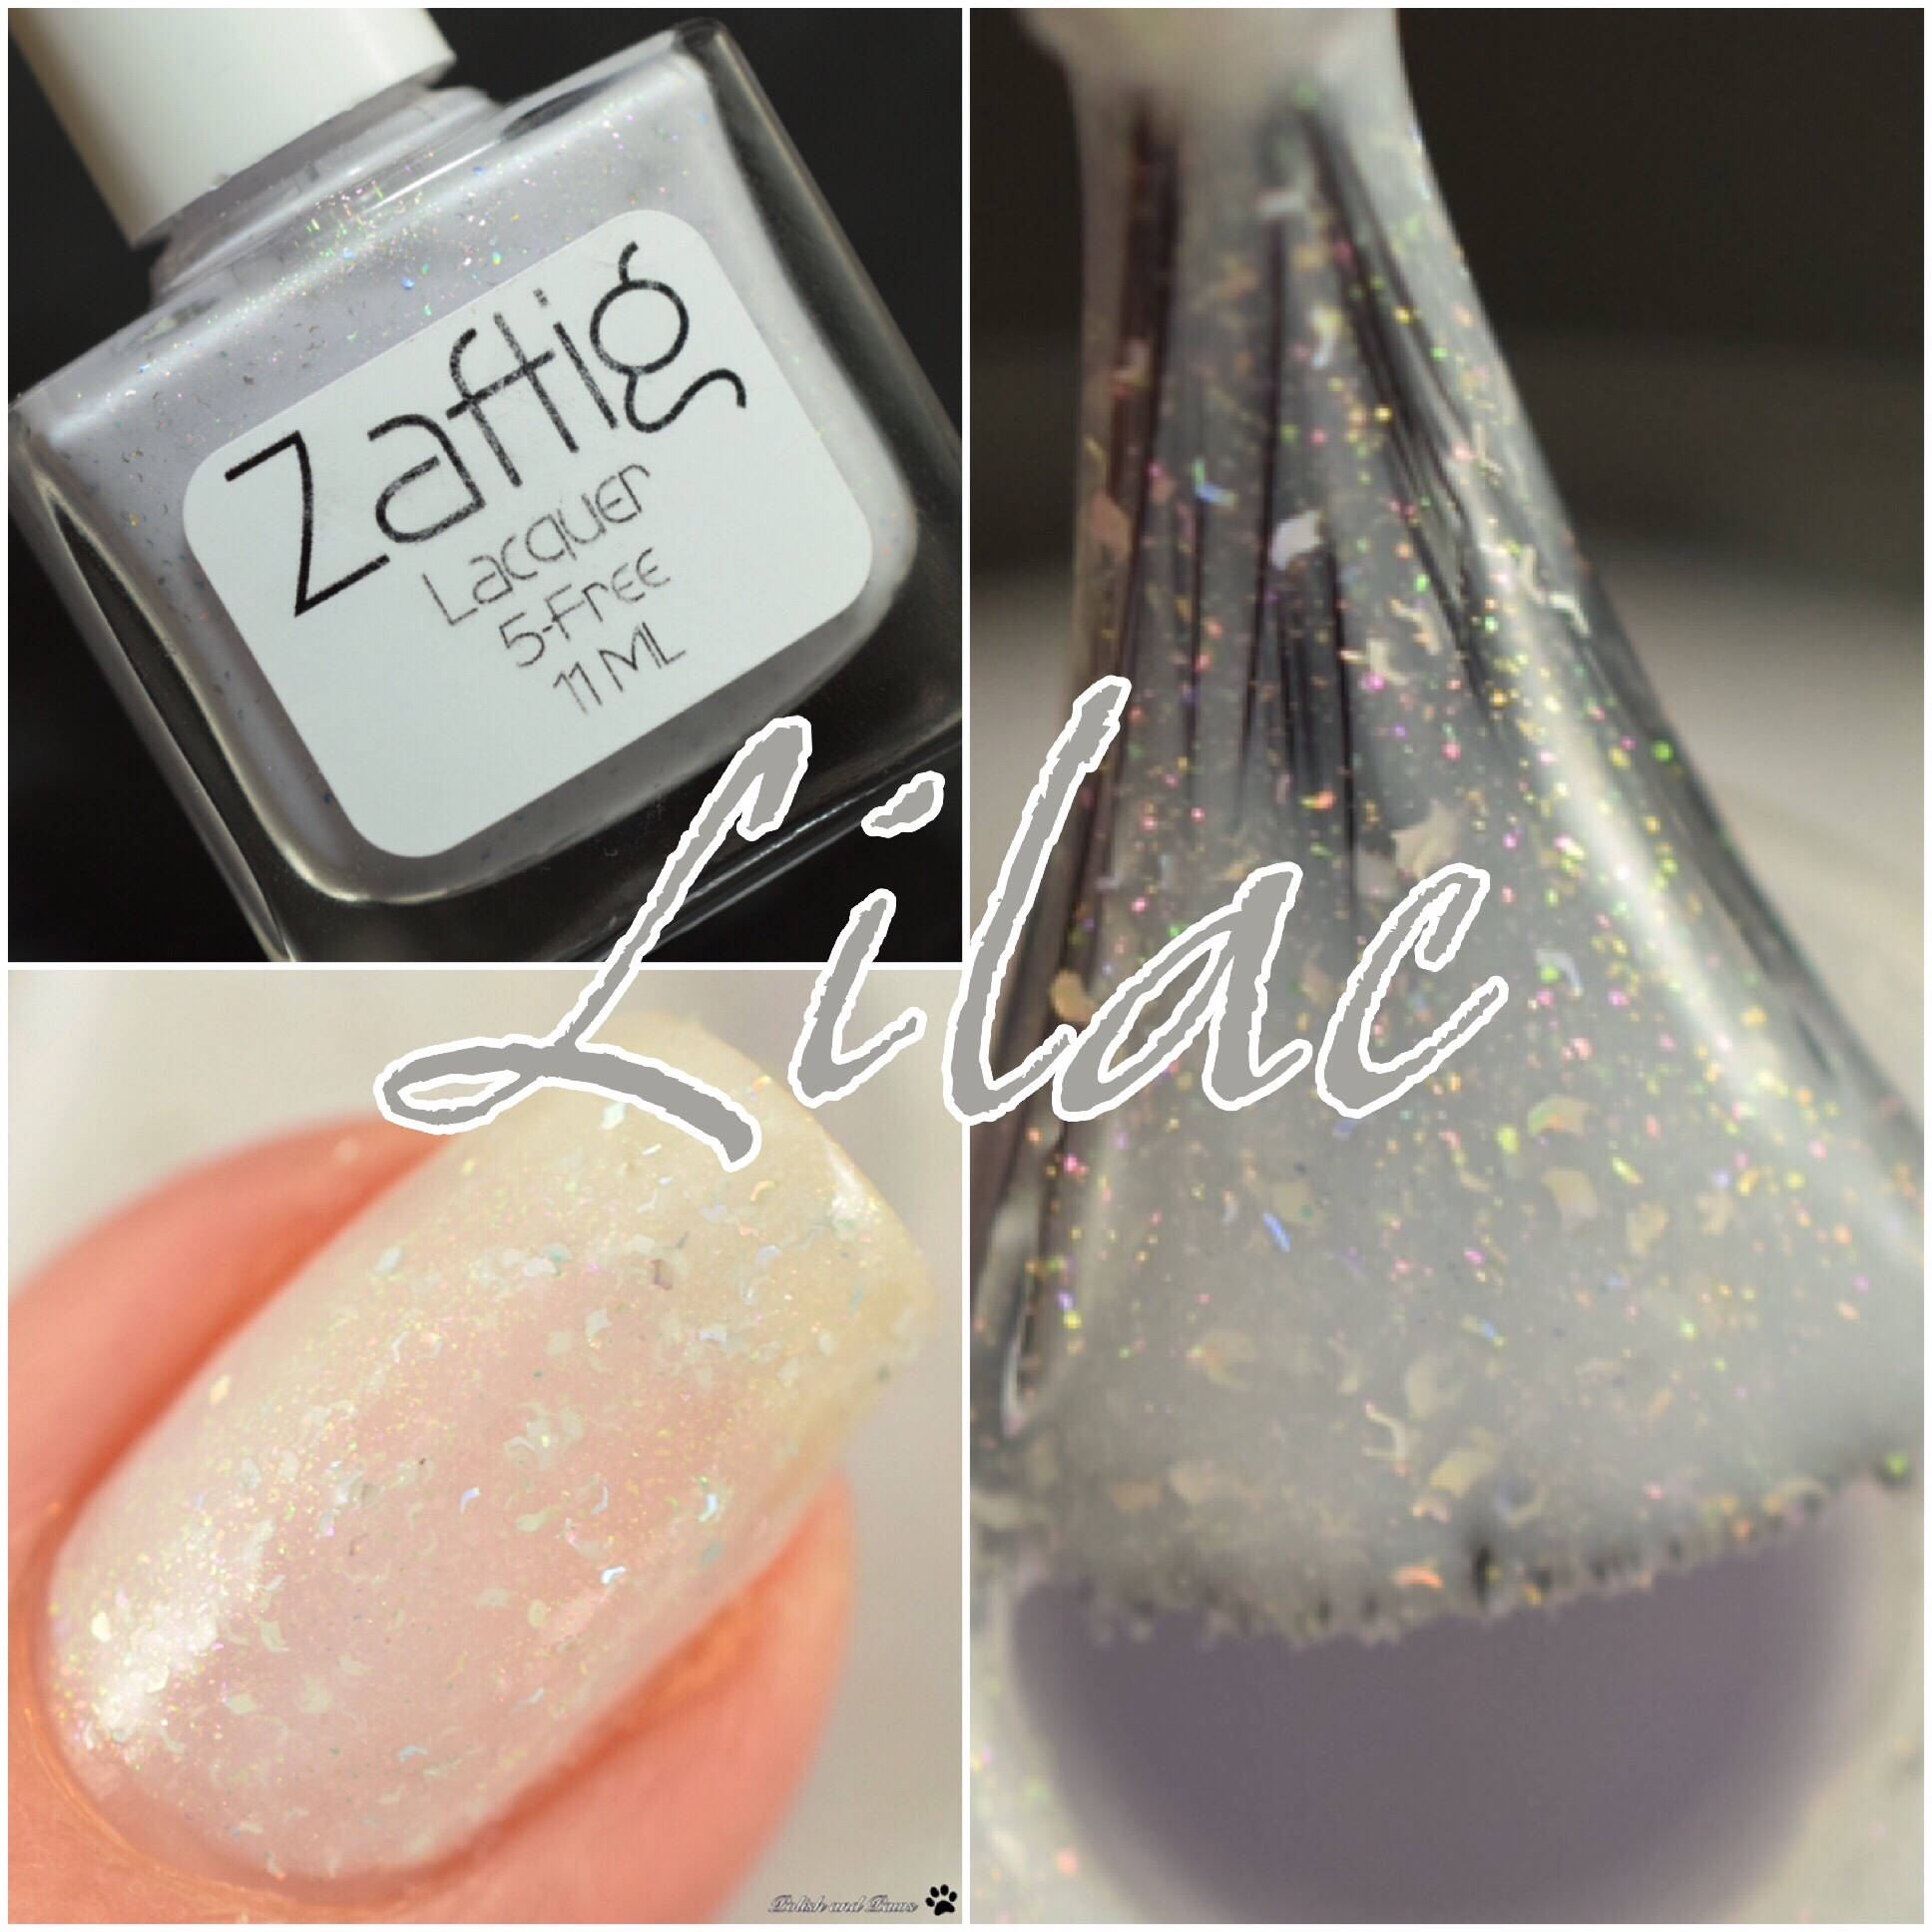 Zaftig Lacquer Lilac